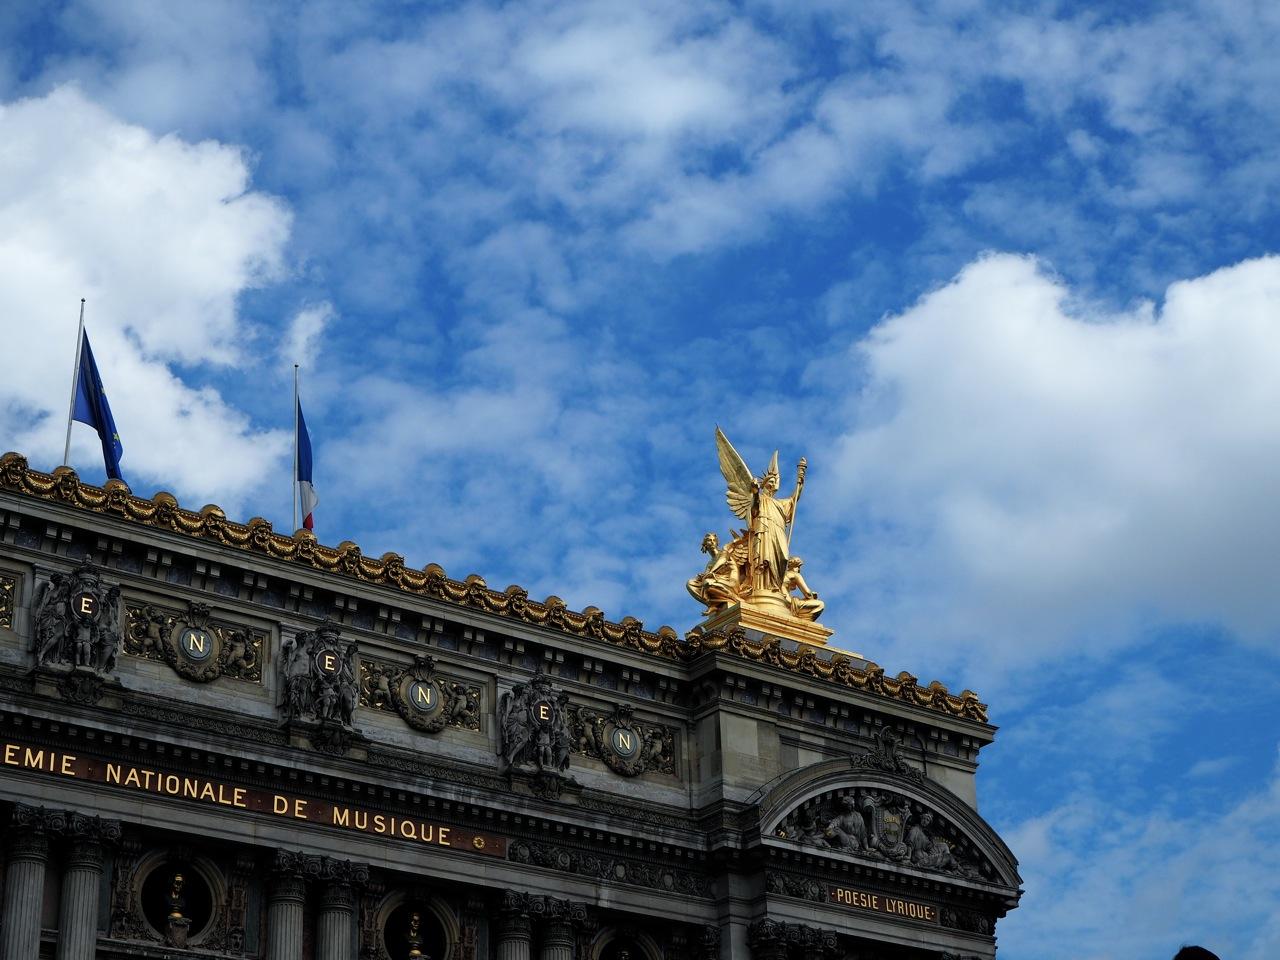 Mademoiselle violette a paris ritalechat - Mademoiselle a paris ...